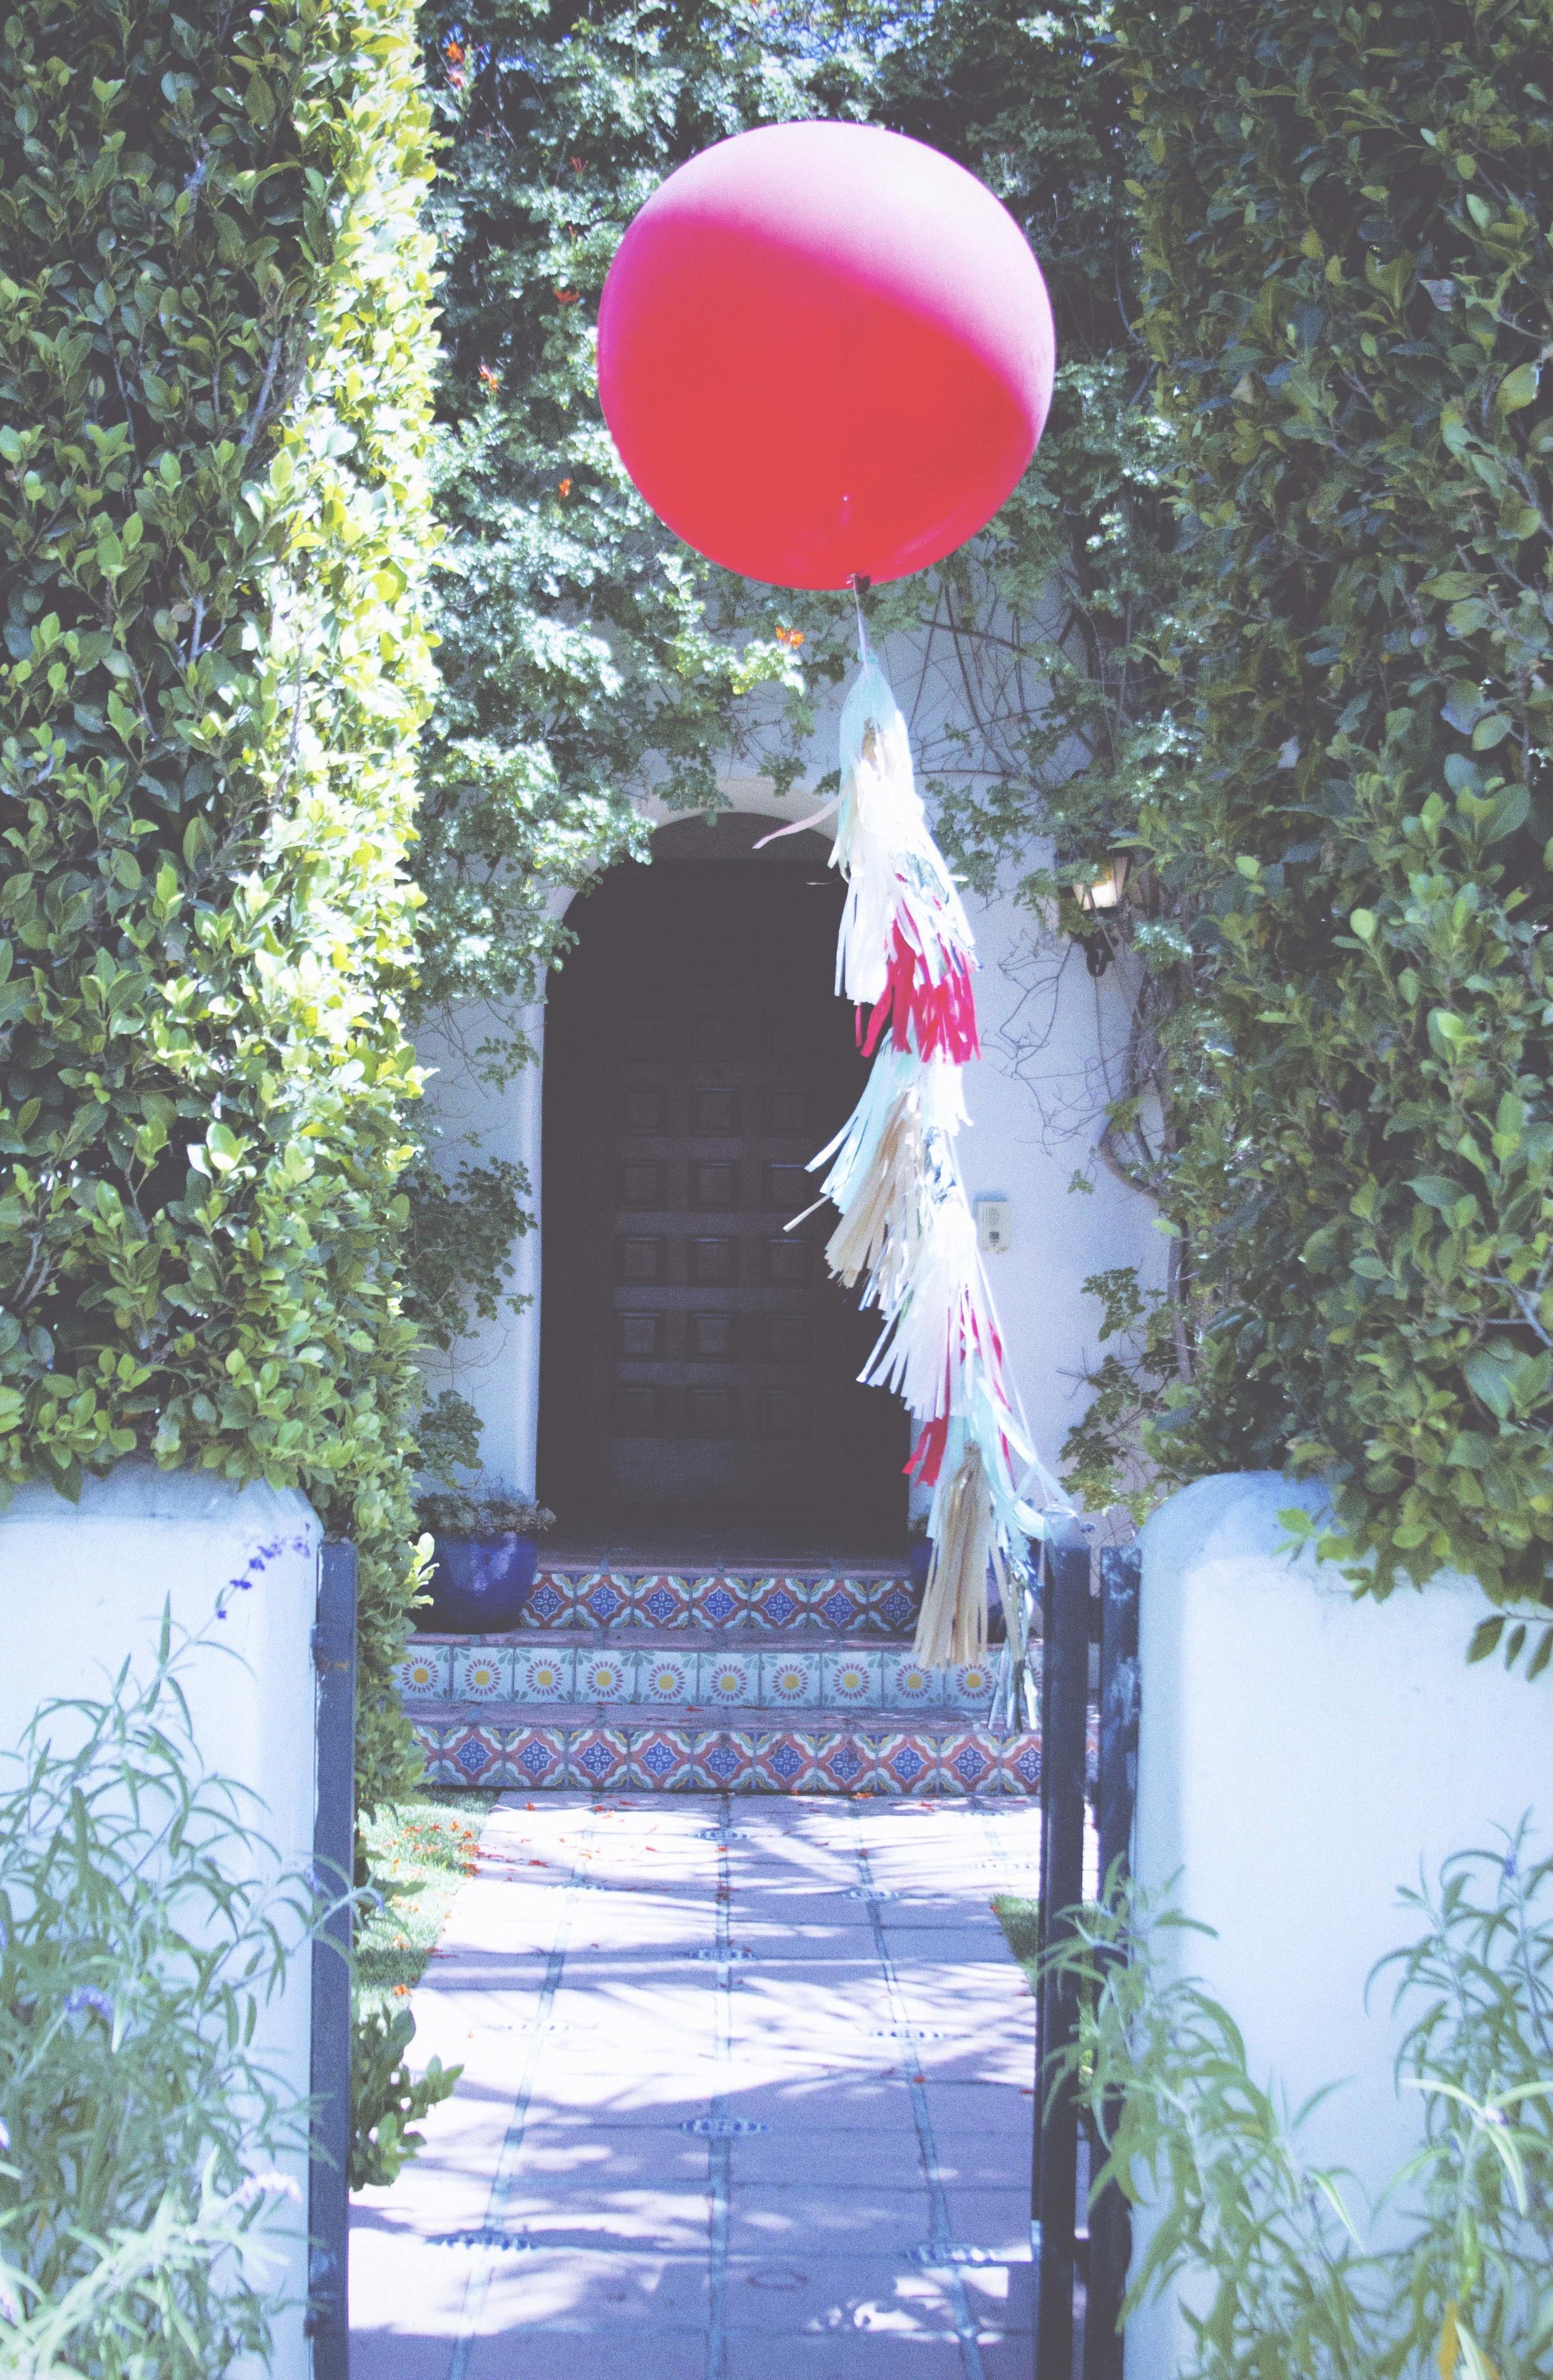 Outdoor Balloon.jpg